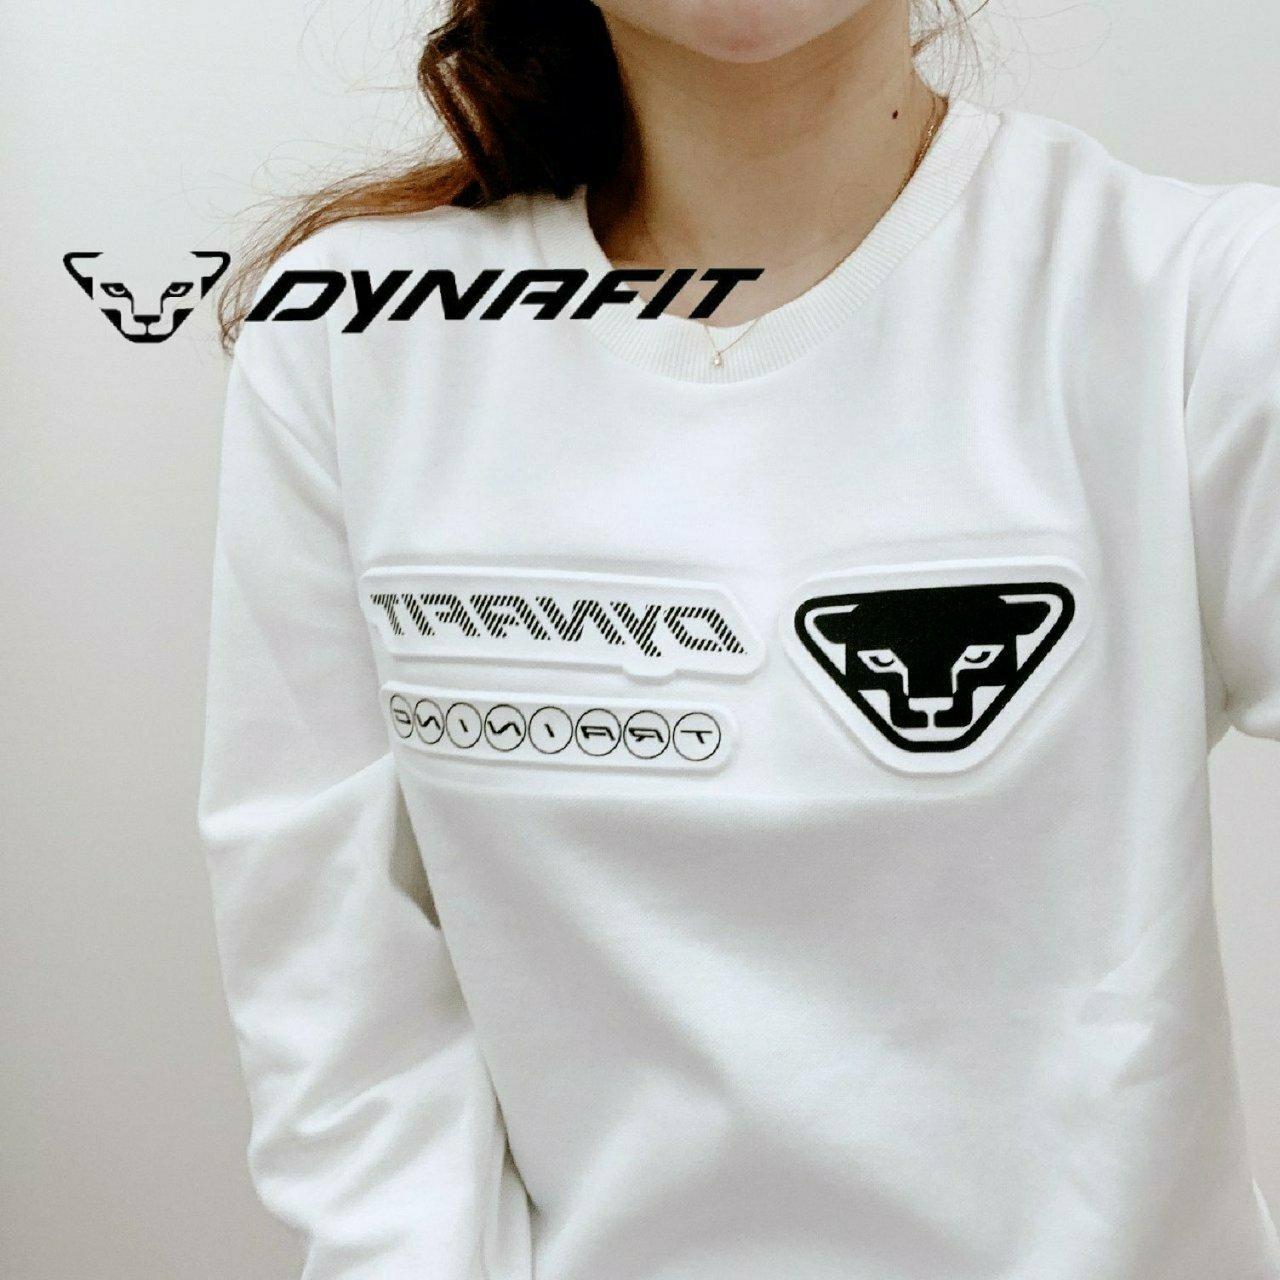 다이나핏 엠보마인 기모 맨투맨 티셔츠 - 가을신상(남녀공용)